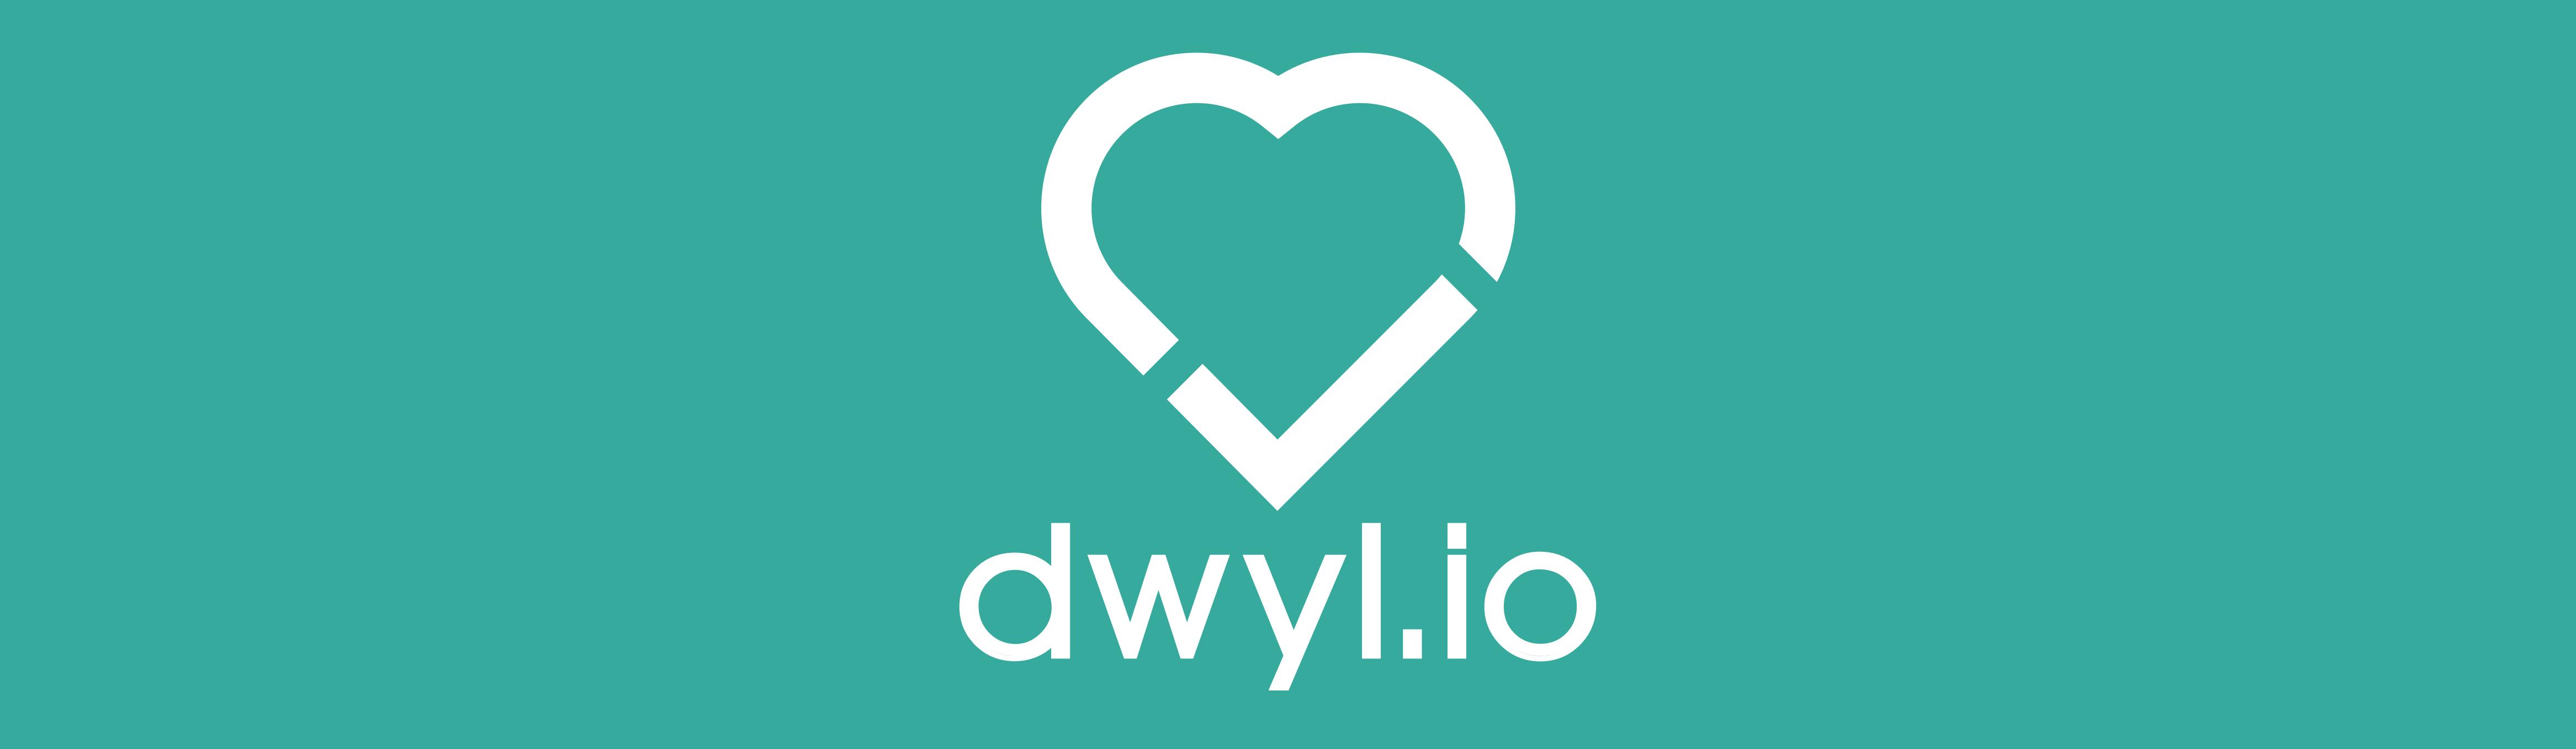 dwyl-logo-wide